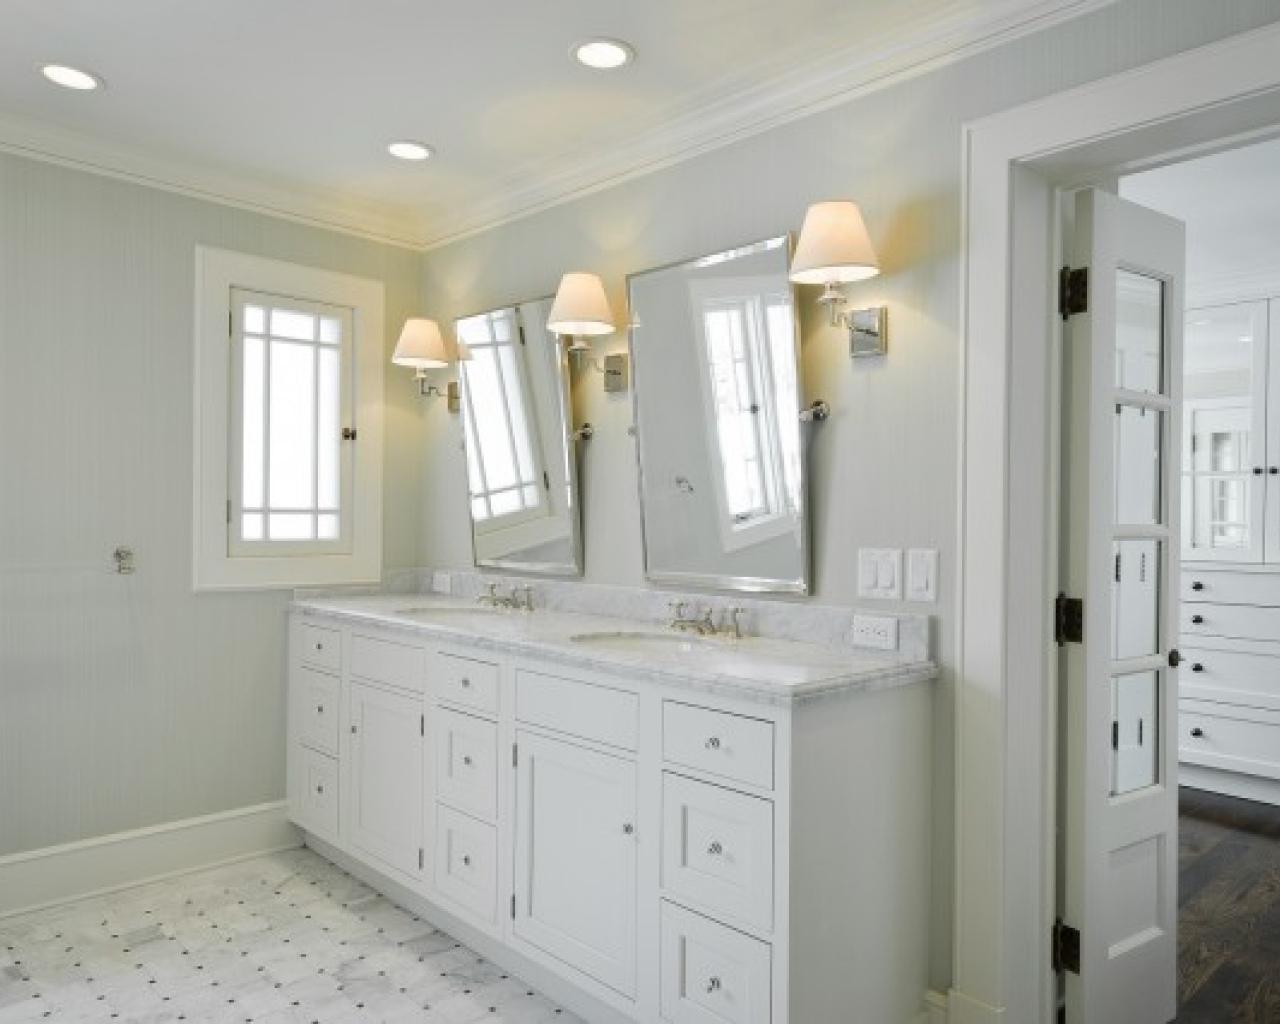 Chrome Vanity Mirrors Bathroom